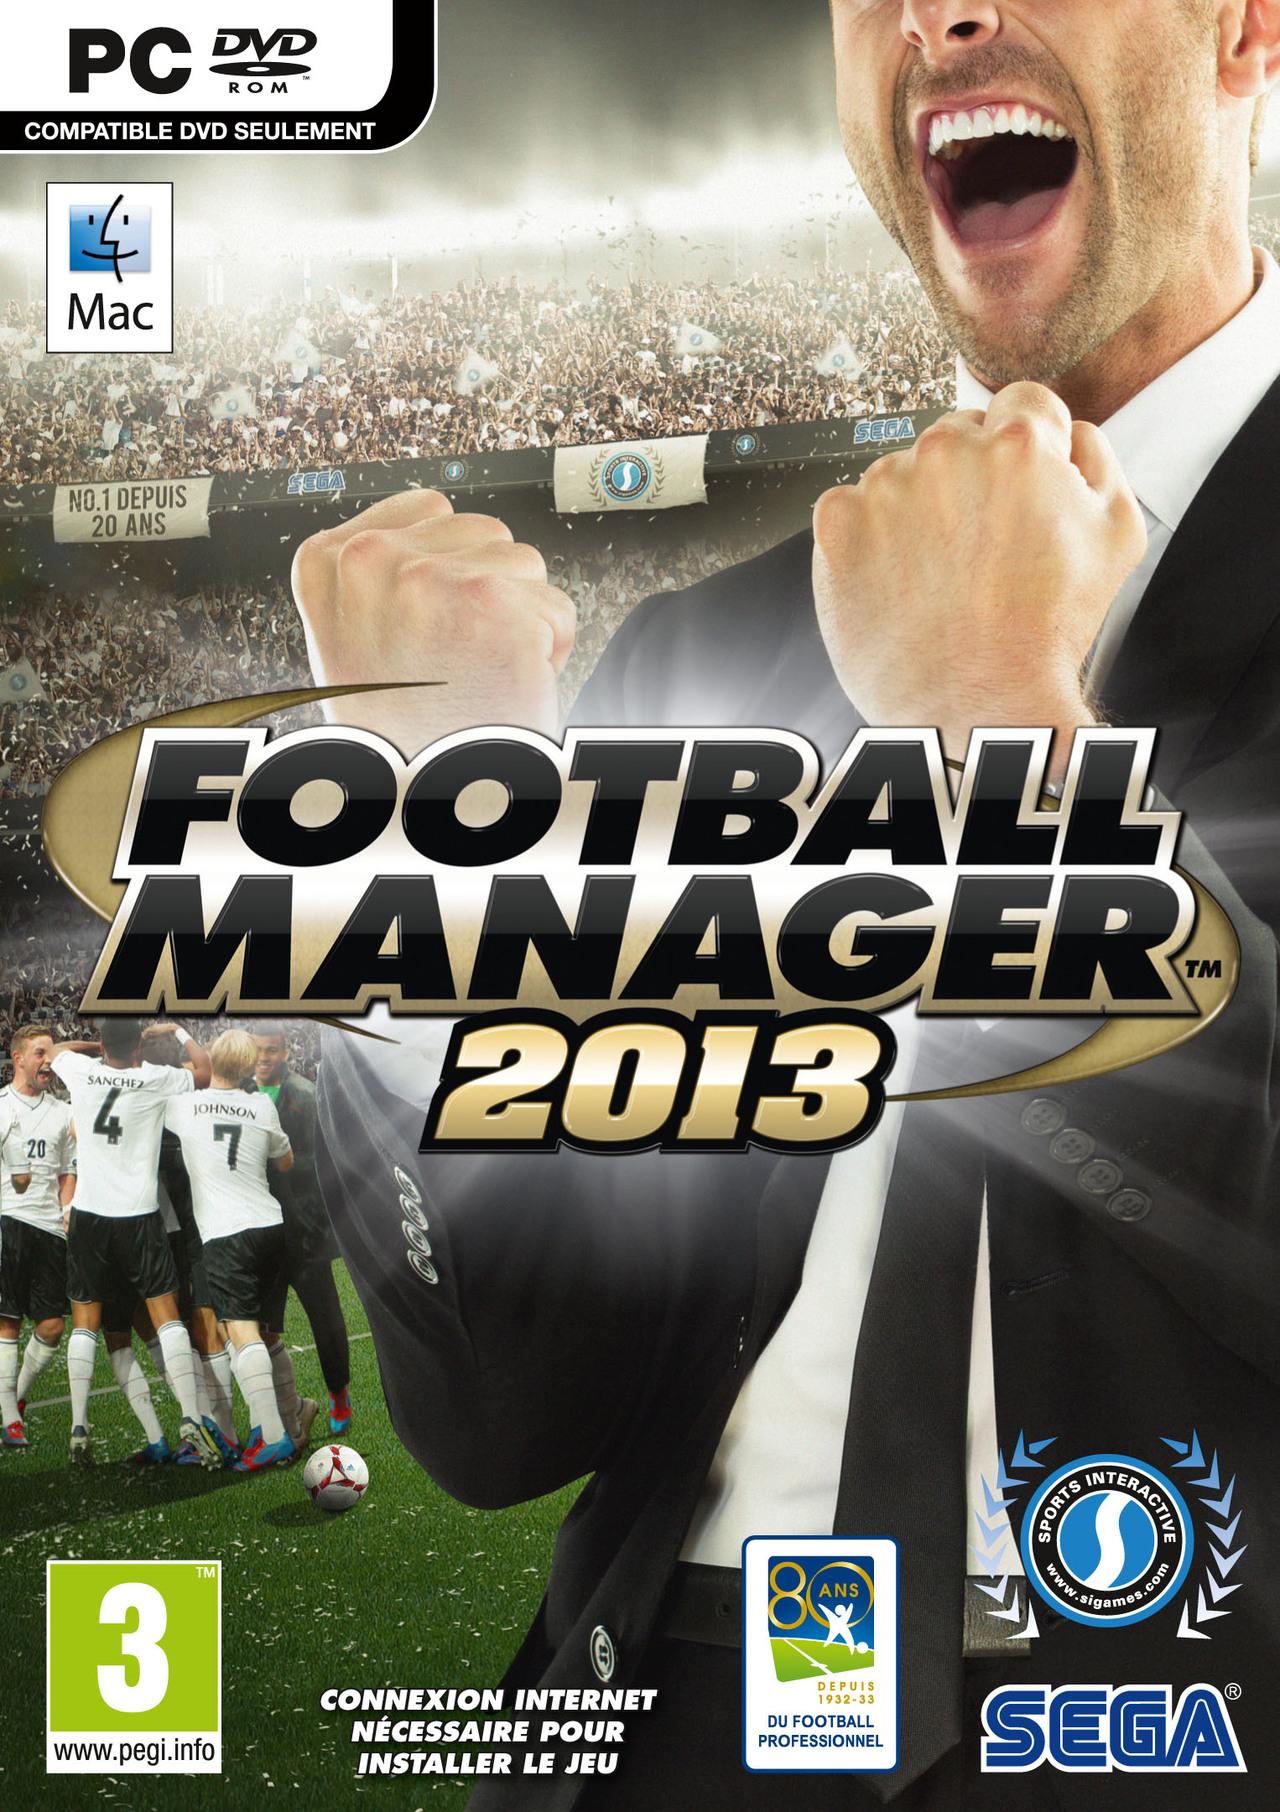 jaquette du jeu vidéo Football Manager 2013